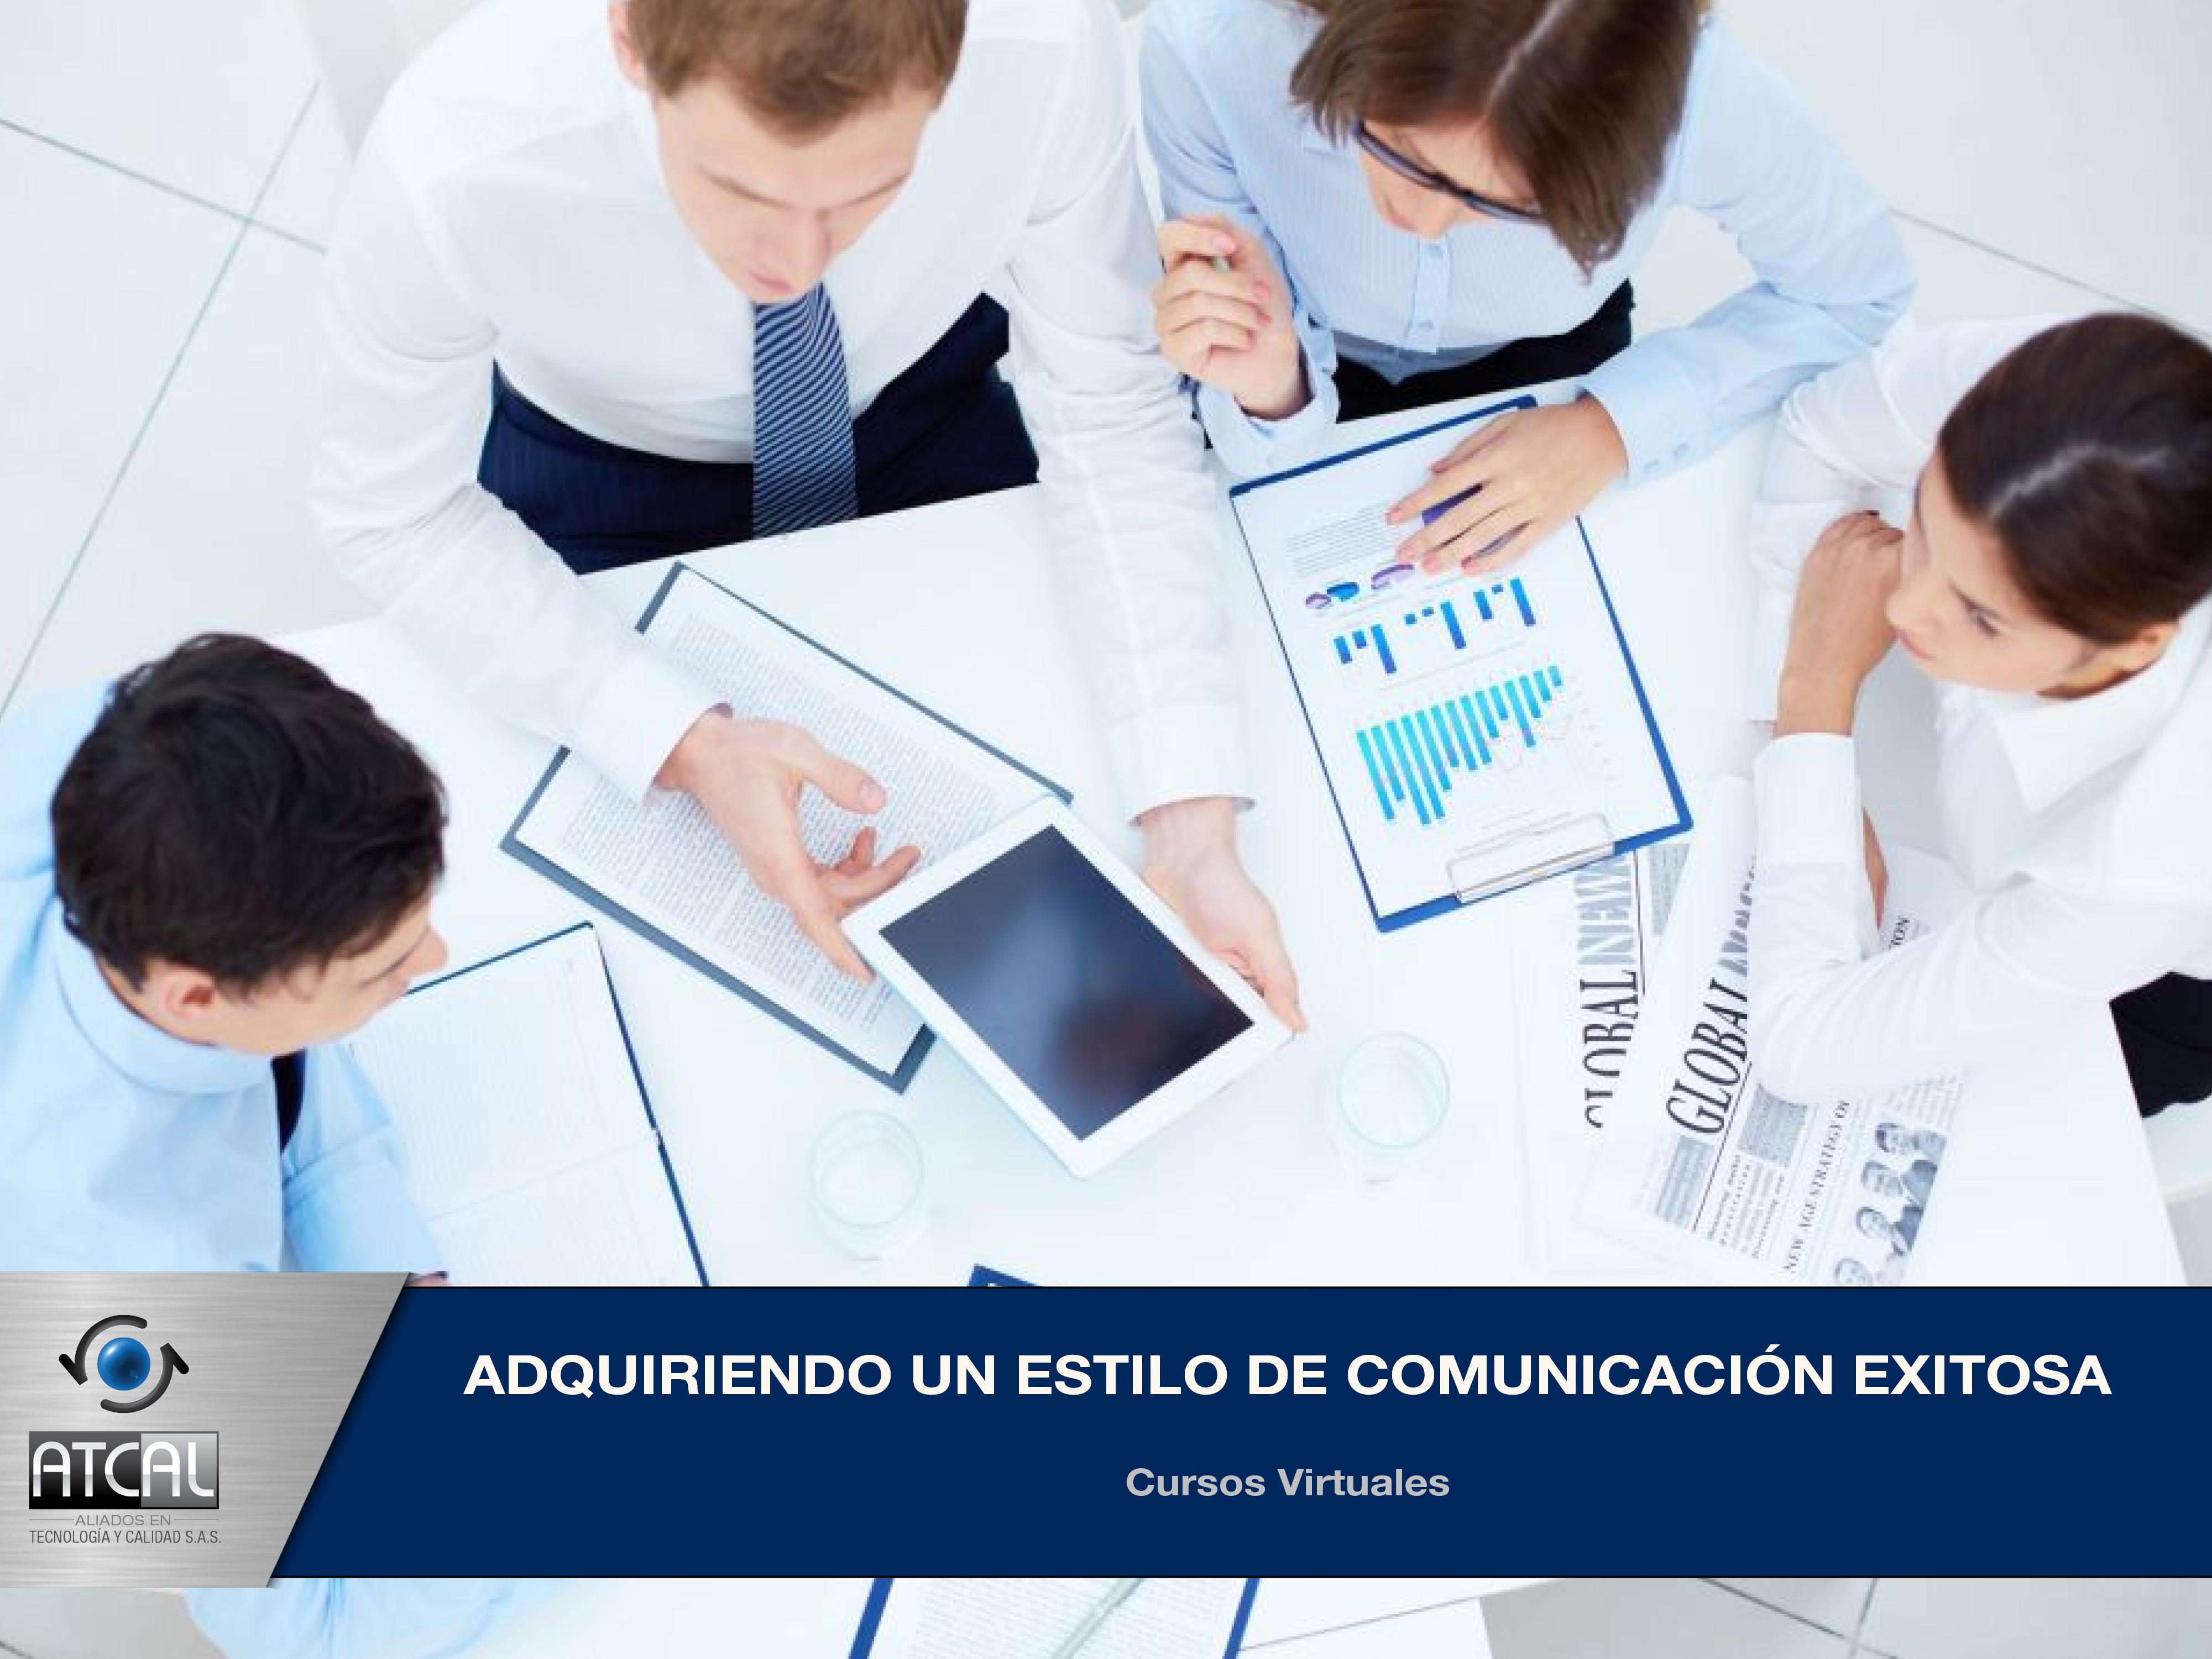 Adquiriendo un Estilo de Comunicación Exitosa